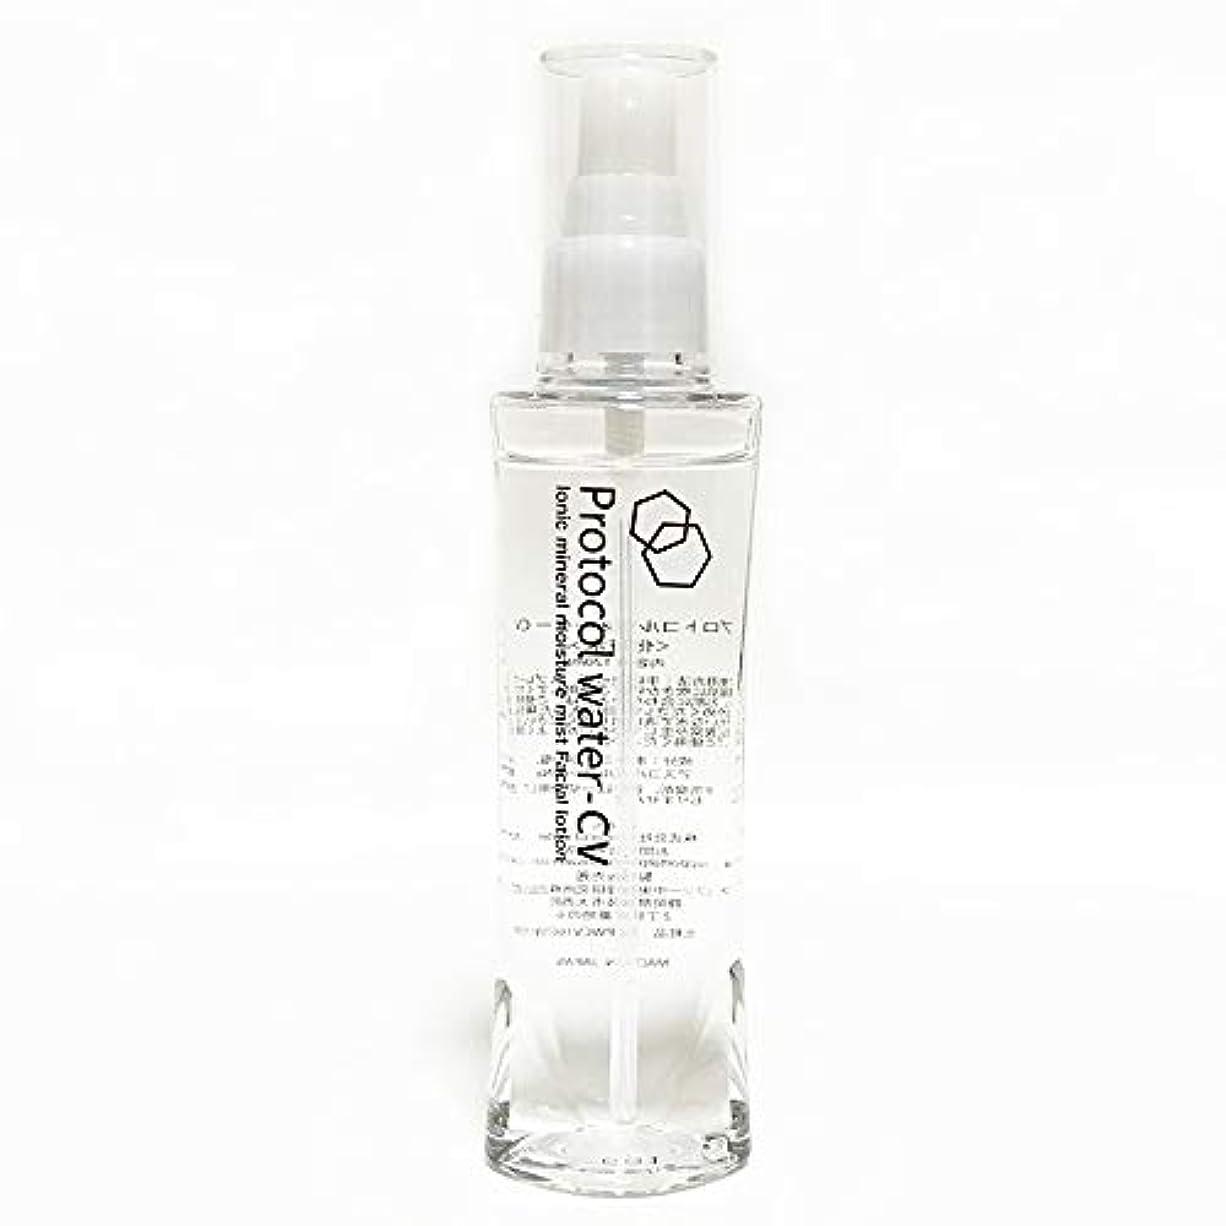 持続するたぶん掻くプロトコルウォーターCV オーガニック 防腐剤フリー 無香料 マイナスイオン化粧水 H2O&ミネラル塩+ビタミンC誘導体配合 120ml